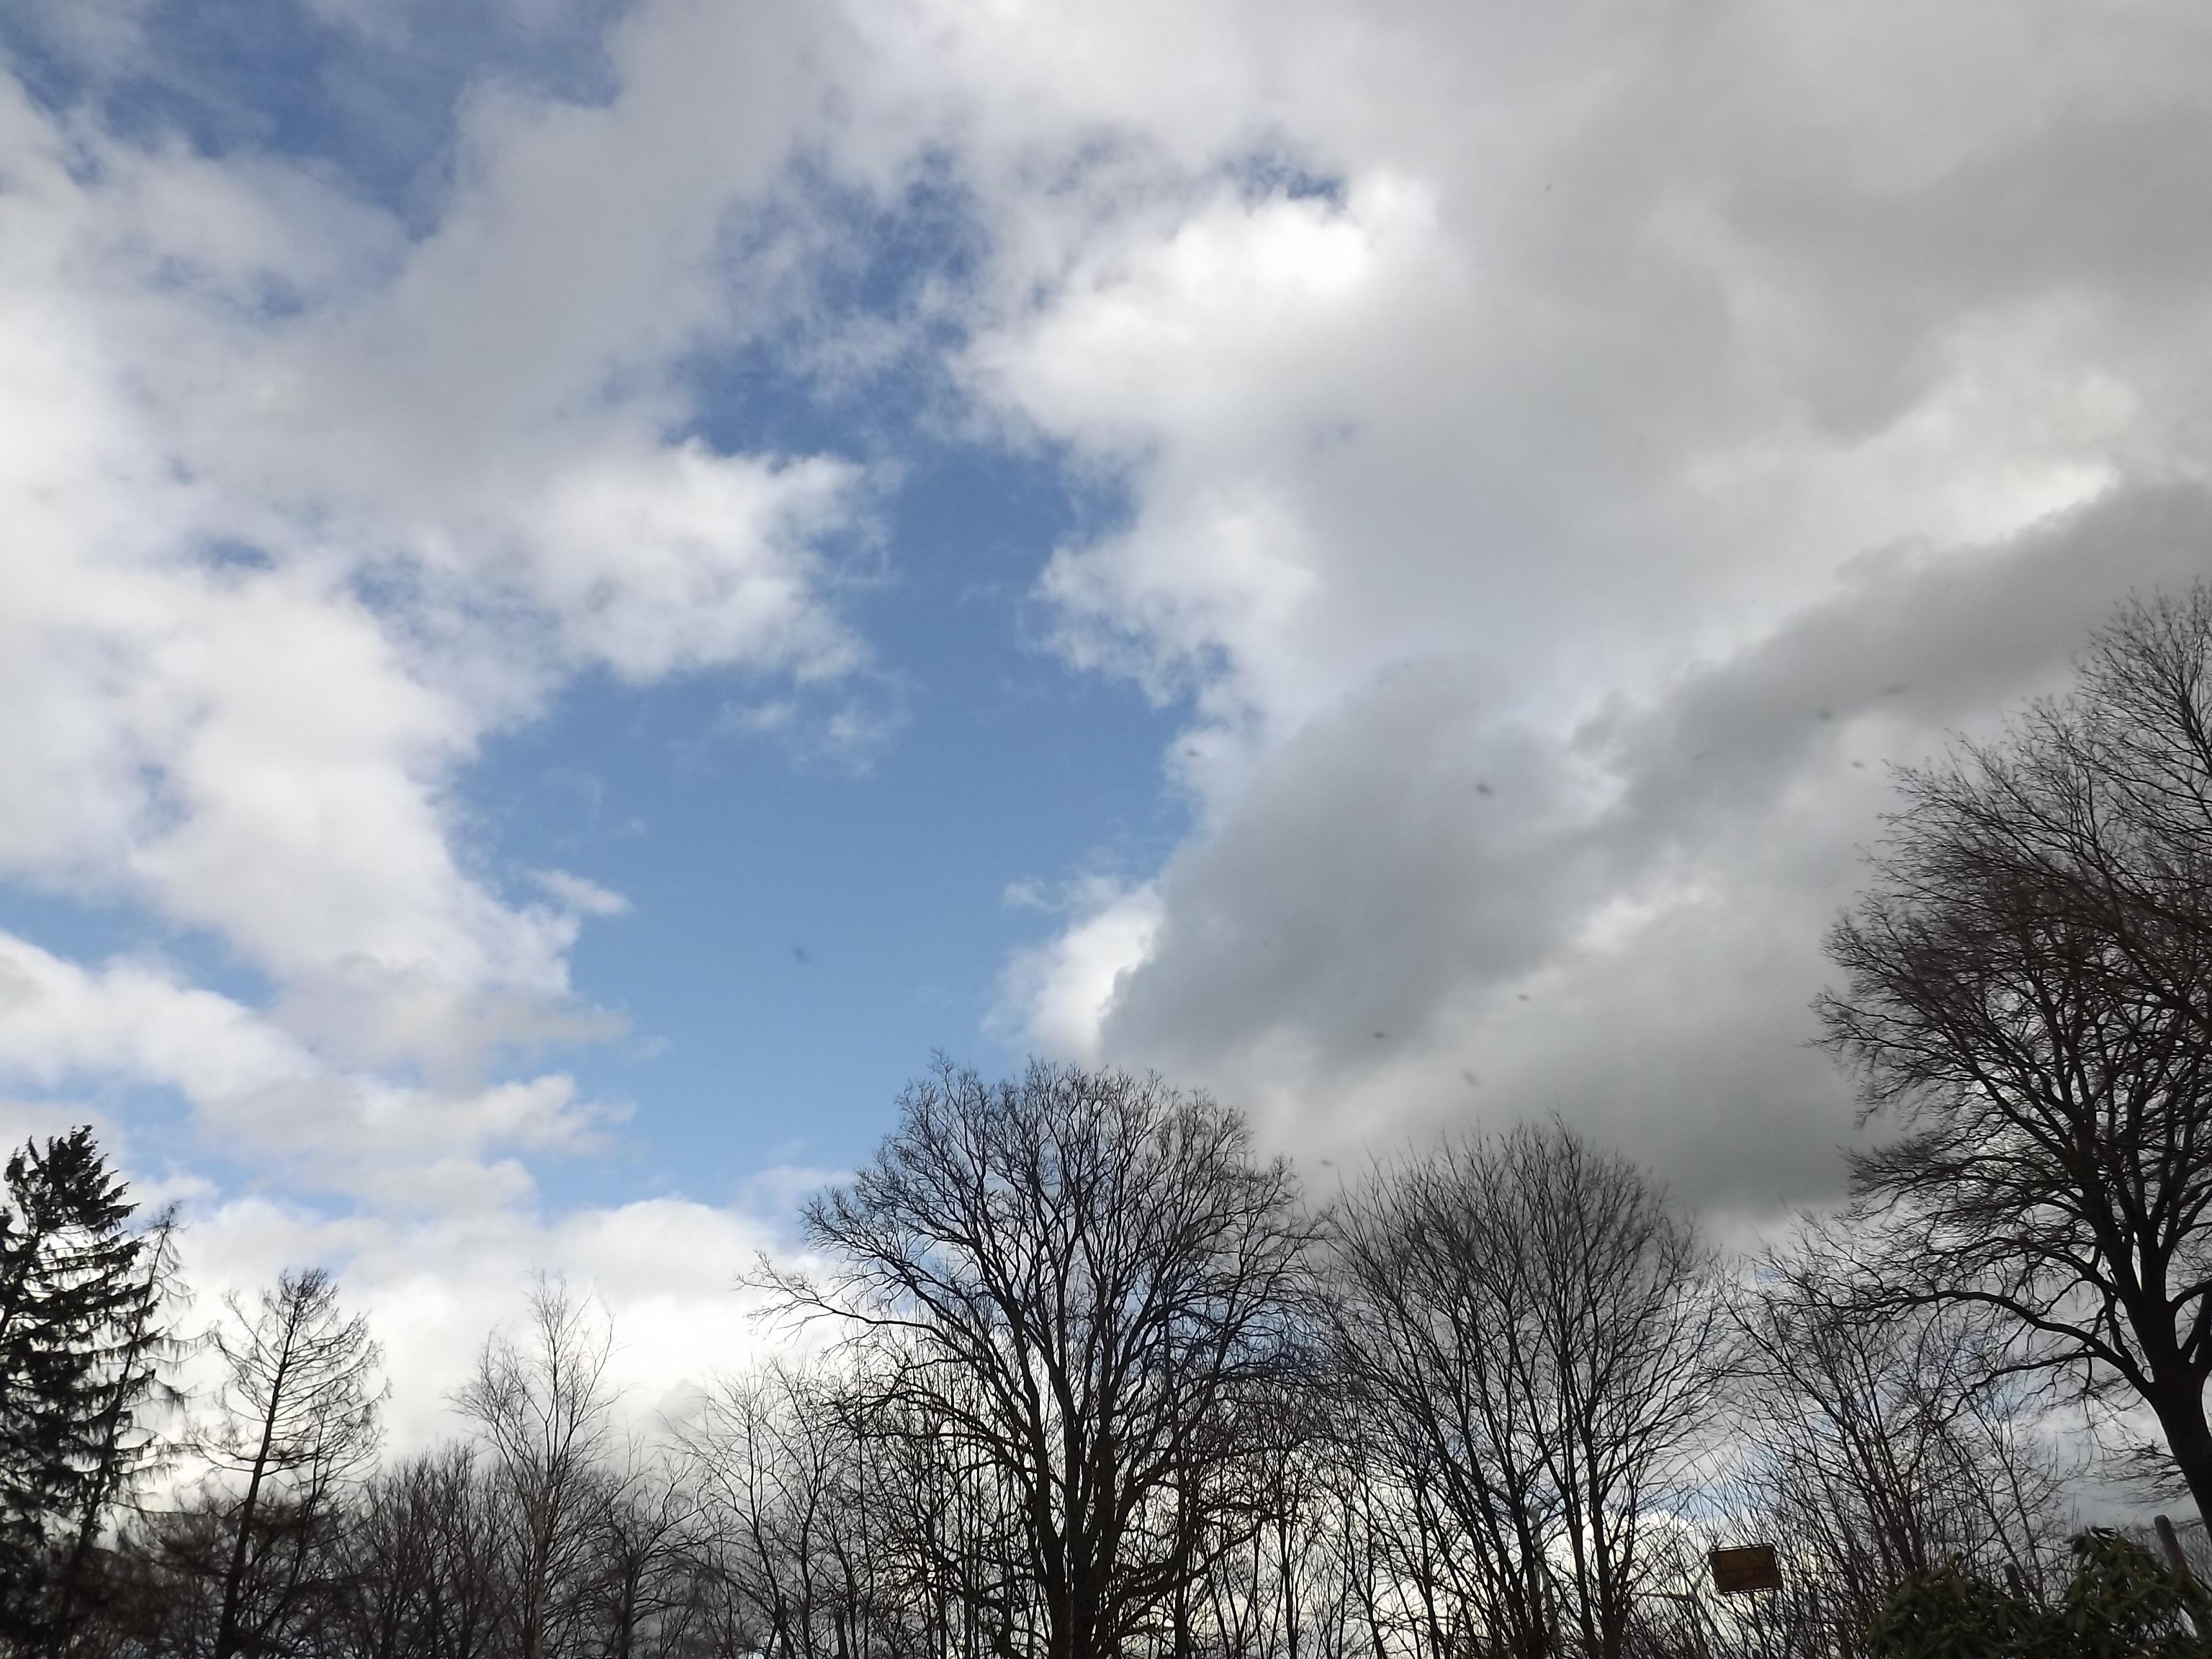 9104-wolken-himmel-kahle-baeume